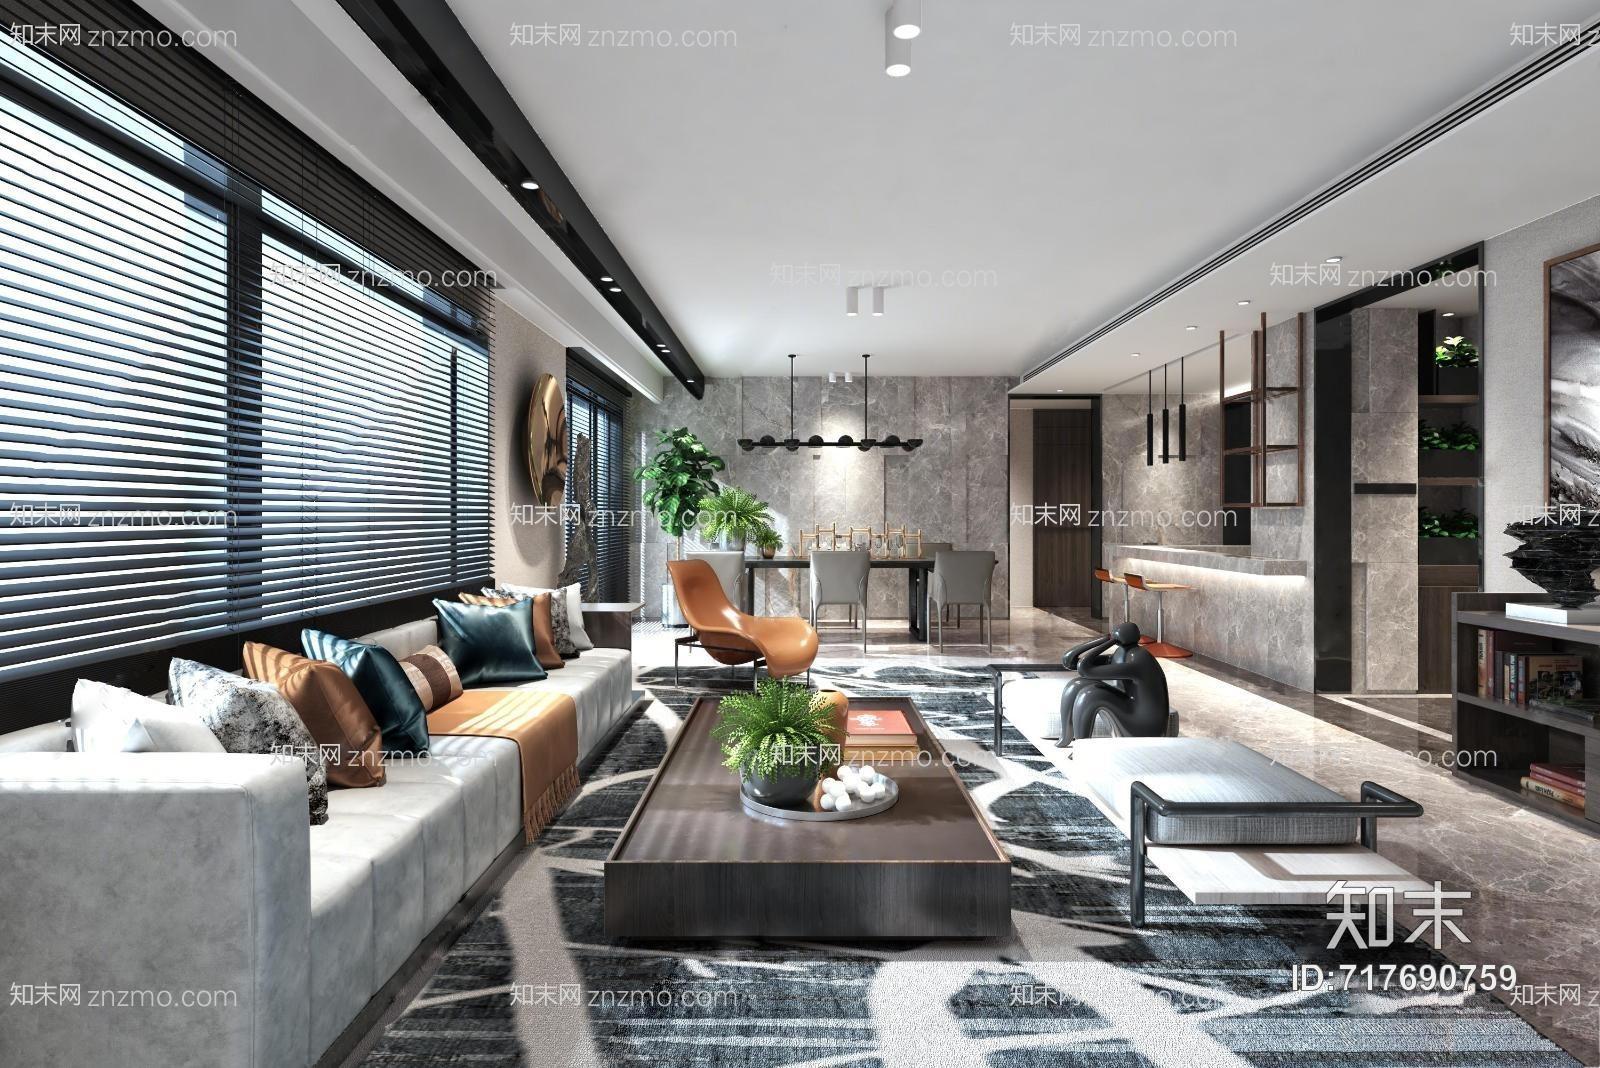 唐忠汉现代客厅 吊灯 多人沙发组合 茶几 沙发凳 吧台 置物架 书架 桌椅 装饰物